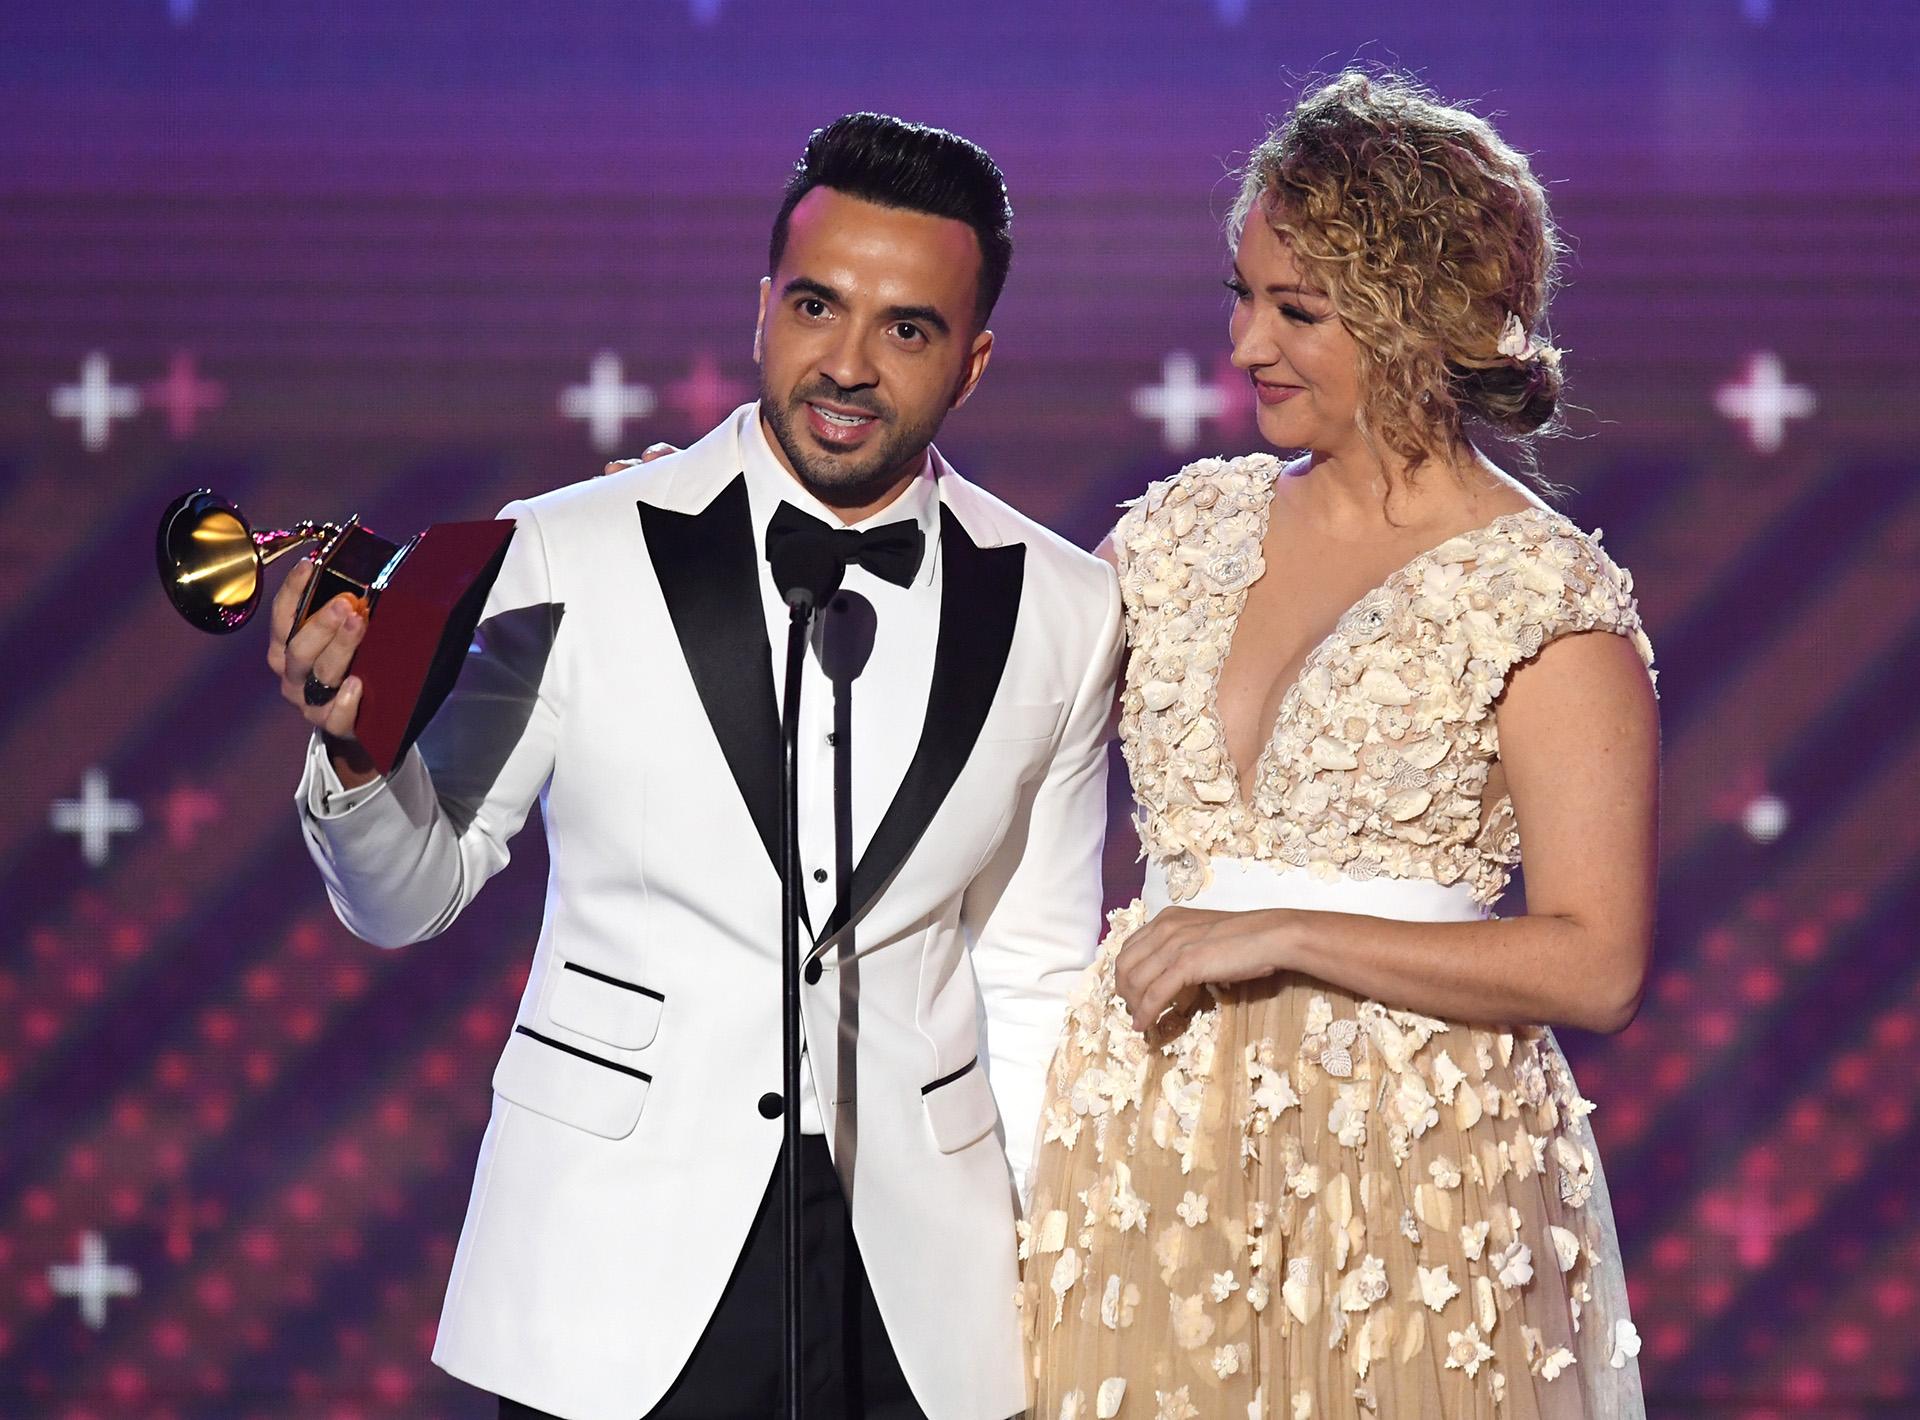 """Luis Fonsi y Erika Ender ganaron en el rubro Canción del Año por """"Despacito"""" (Kevin Winter/Getty Images)"""